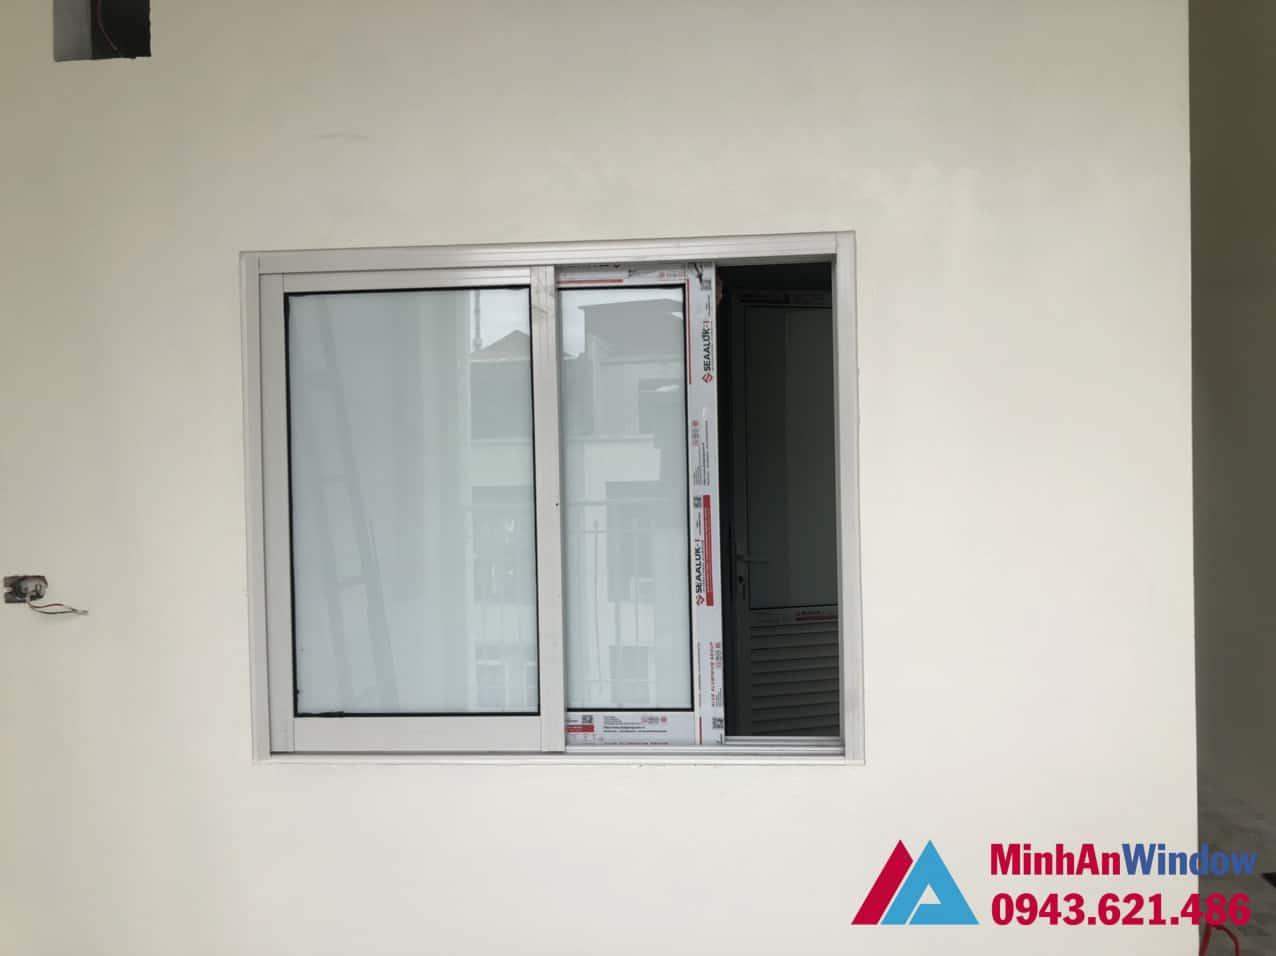 Mẫu cửa sổ mở trượt 2 cánh Minh An Window lắp đặt cho khách hàng tại Lào Cai